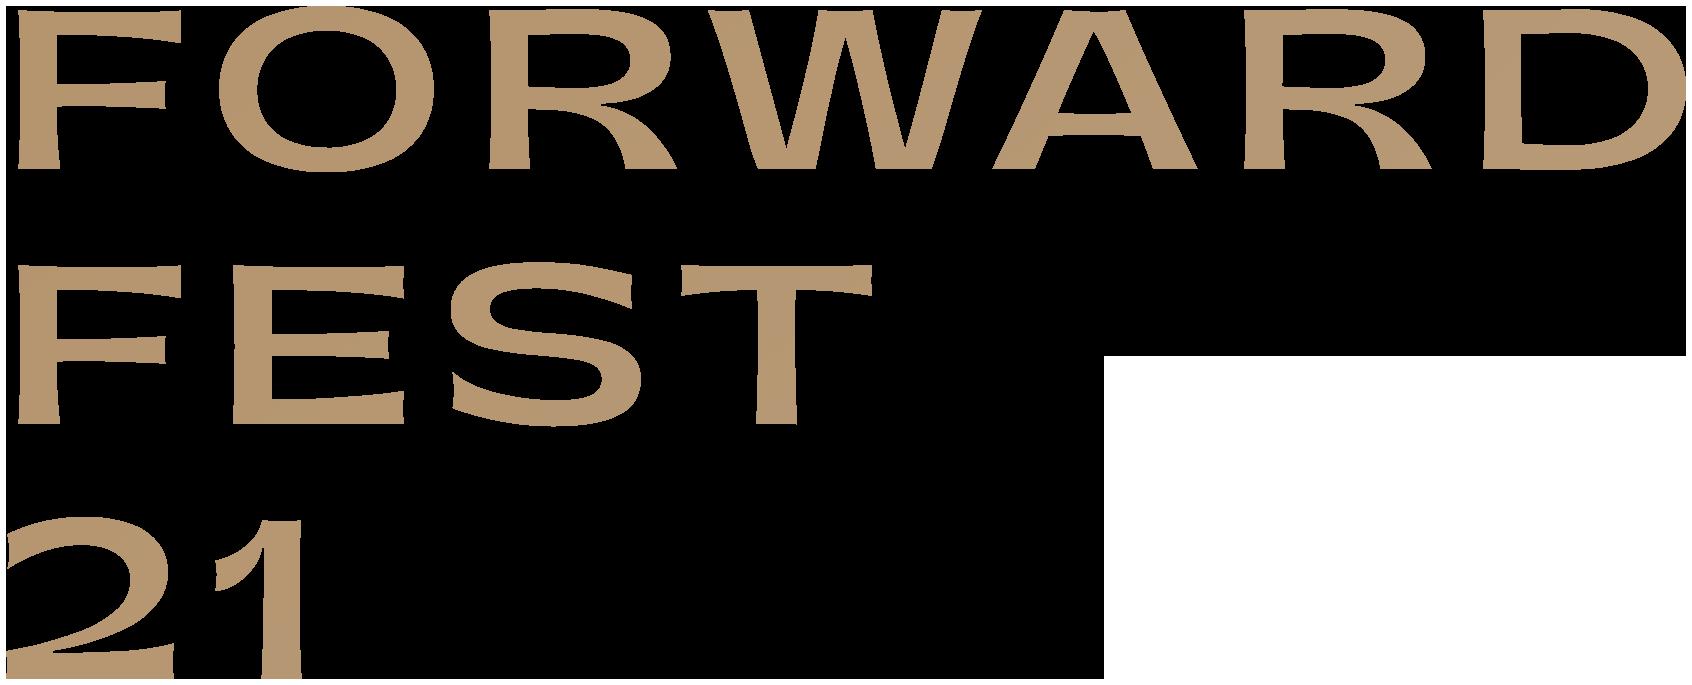 Forward Fest 21